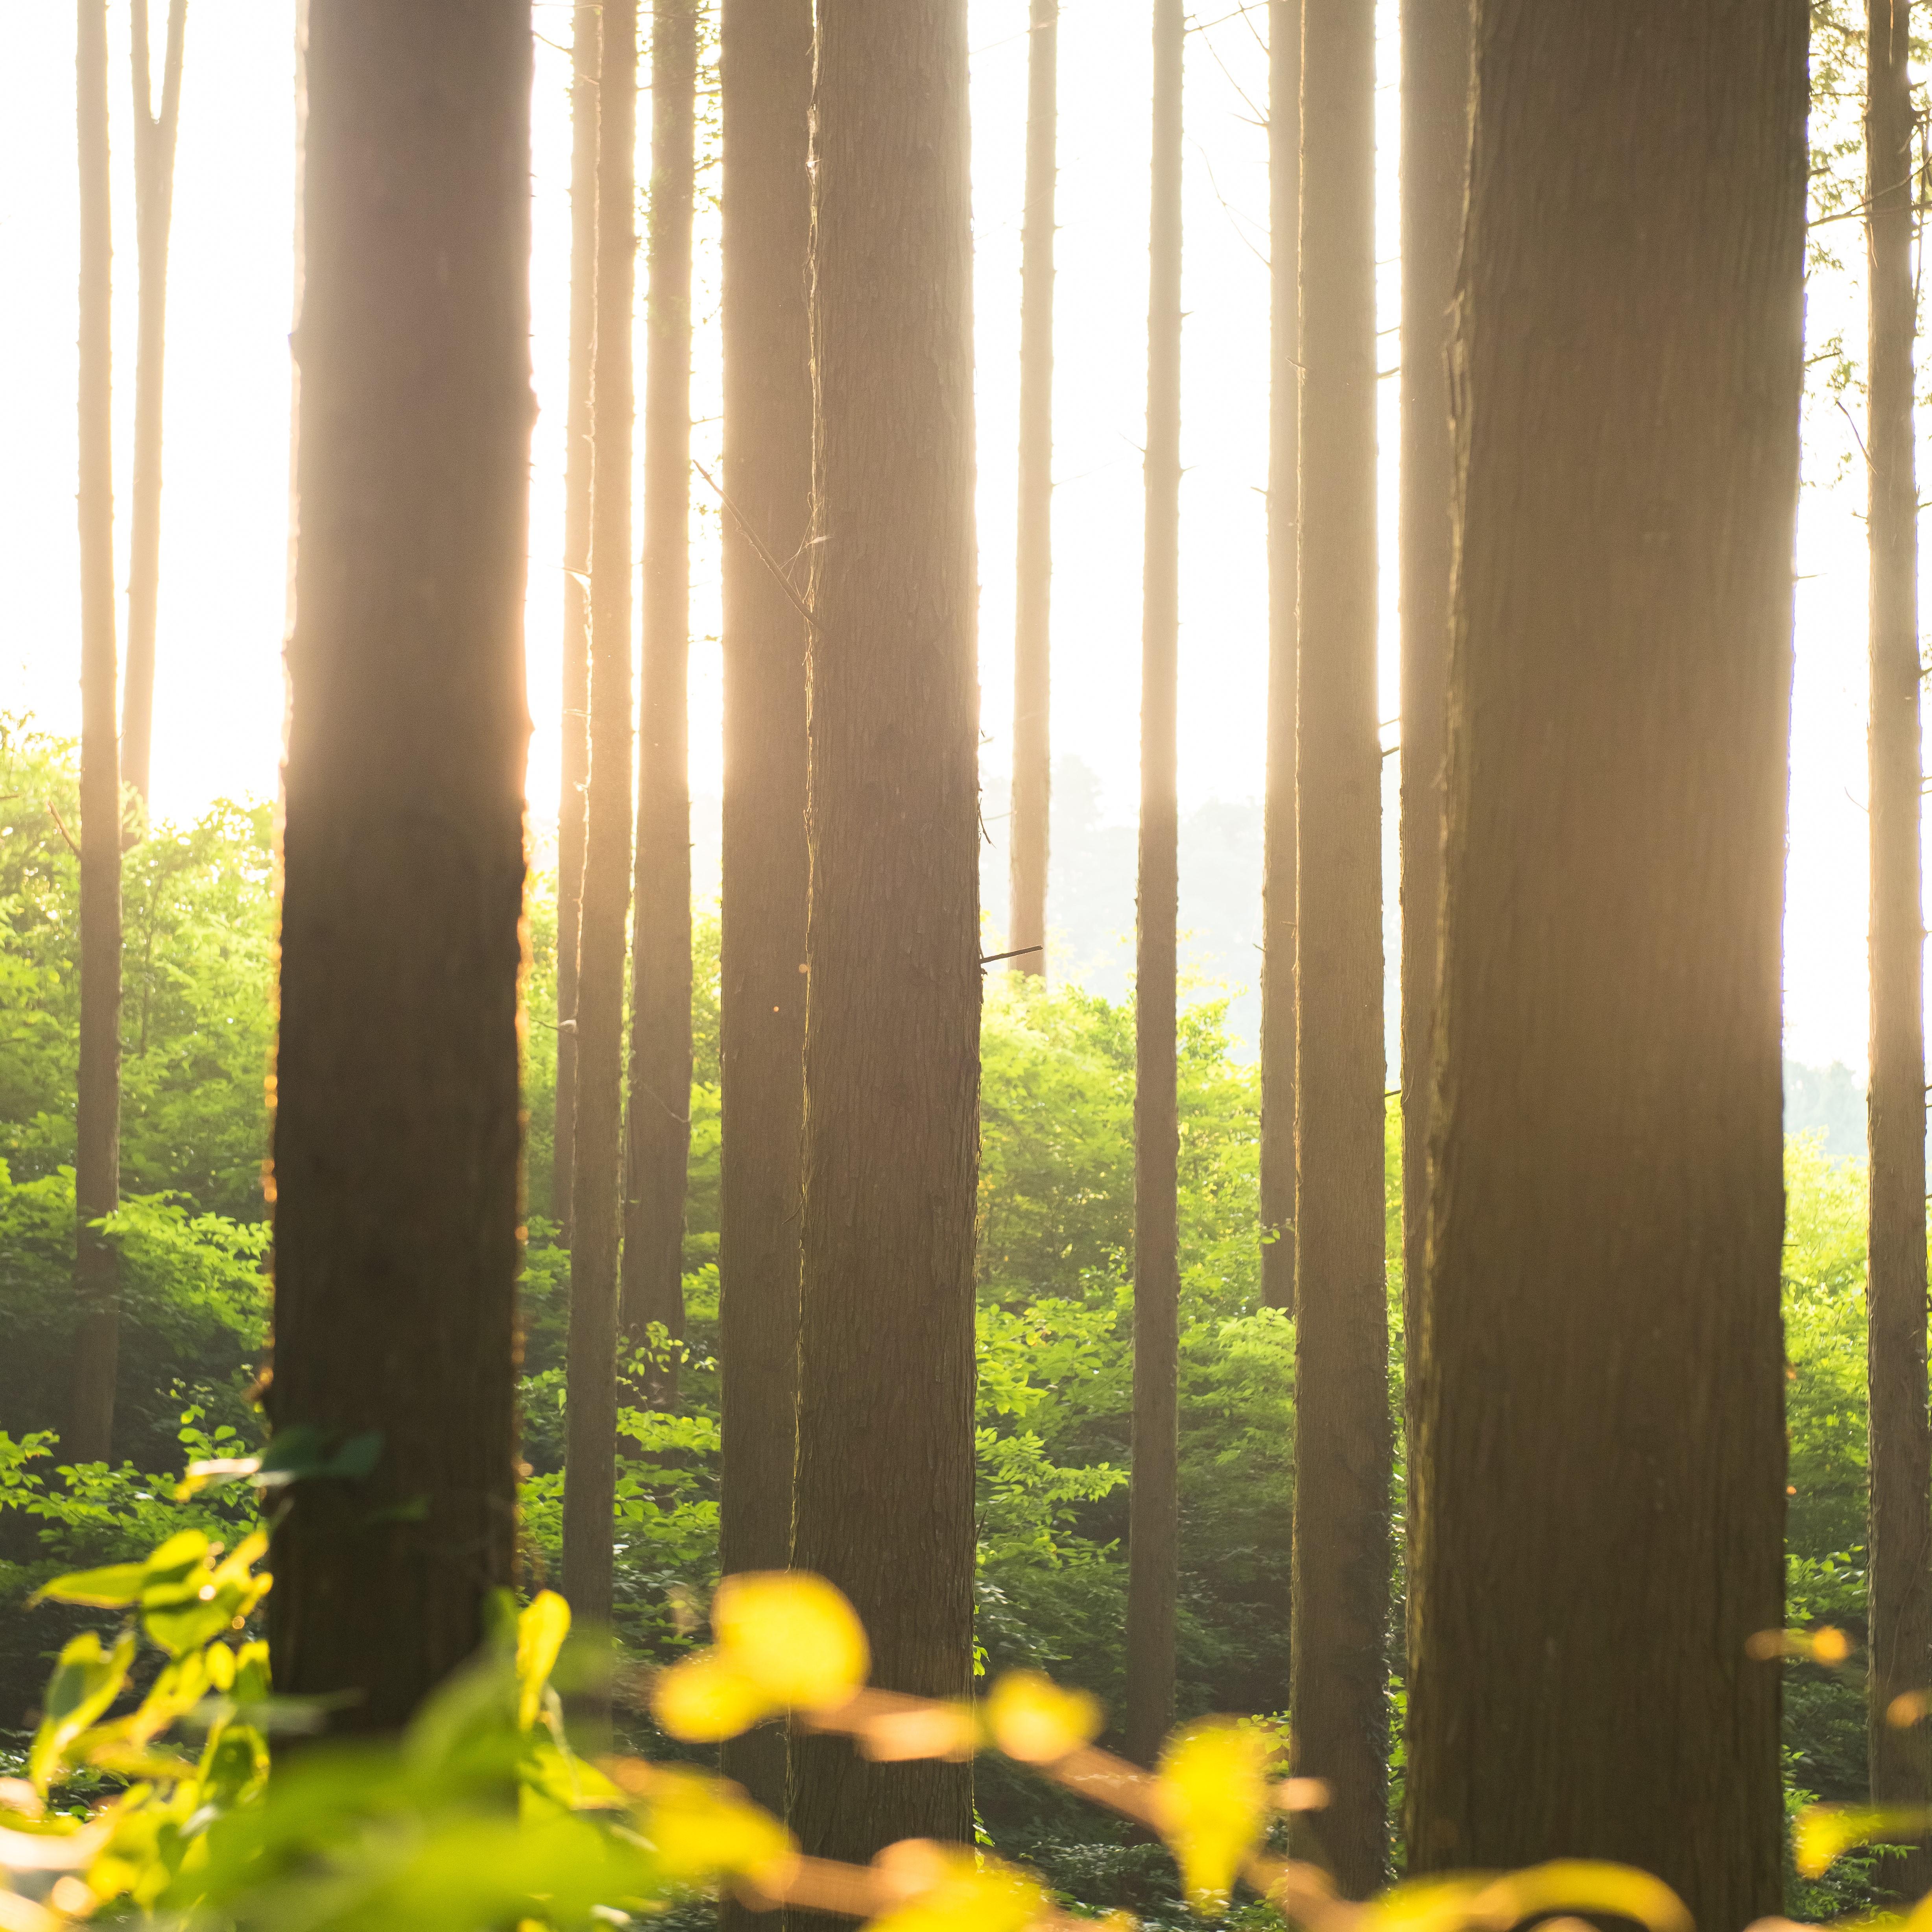 たとえば、黄金色の光が輝くこんな森。そこではどんな木々や草花の香りがするのでしょう…